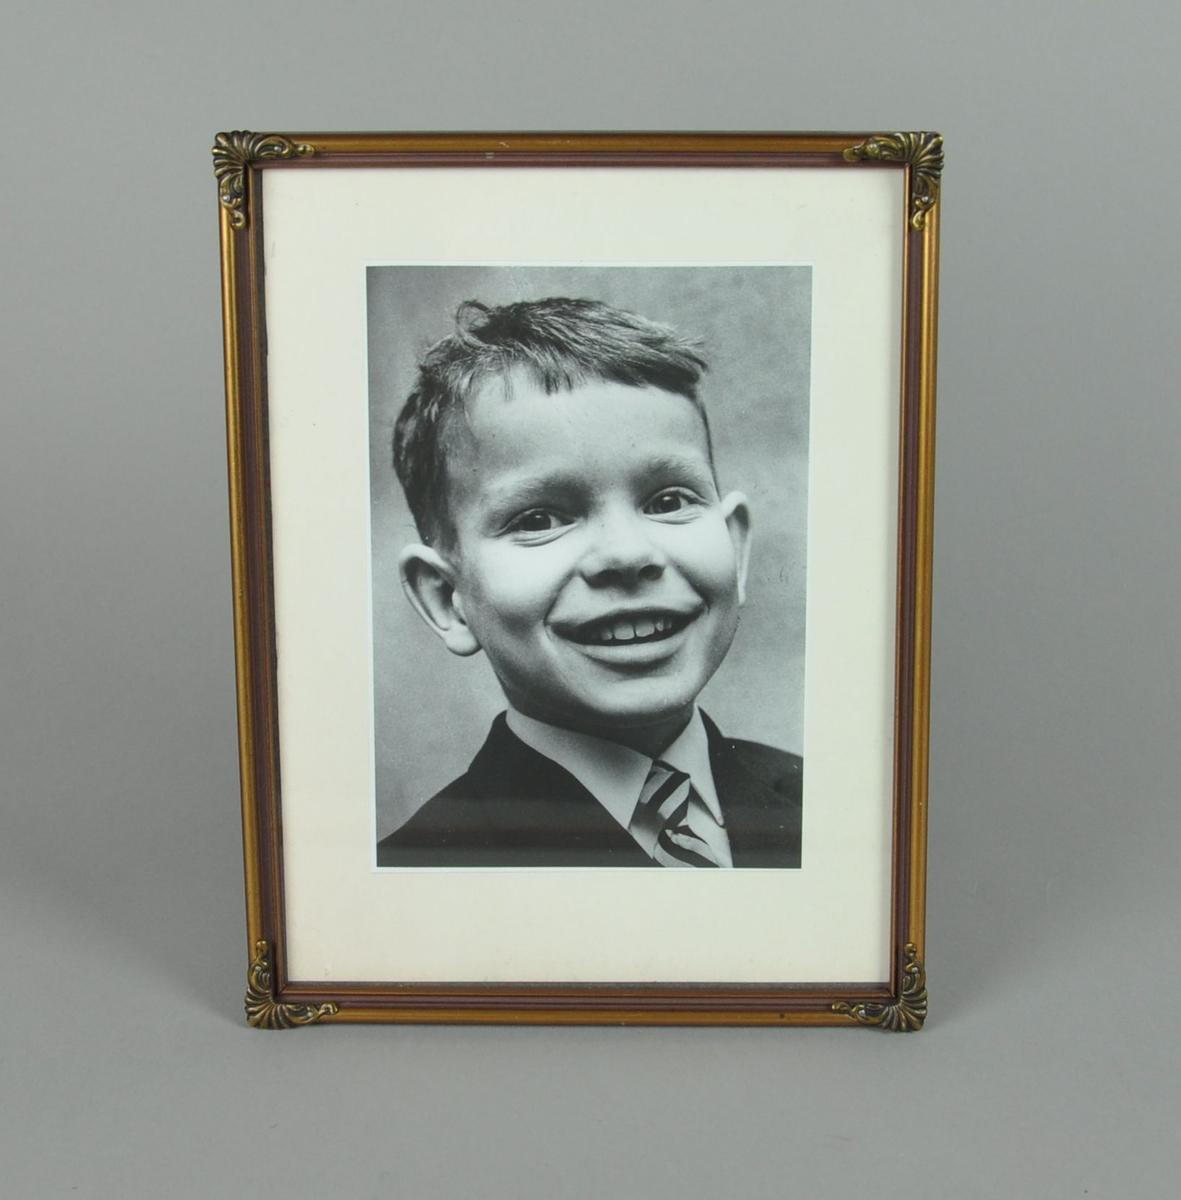 Stående foto i ramme, portrett av Dag Swanstrøm. Rammen er av metall og har palmetter i hjørnene.